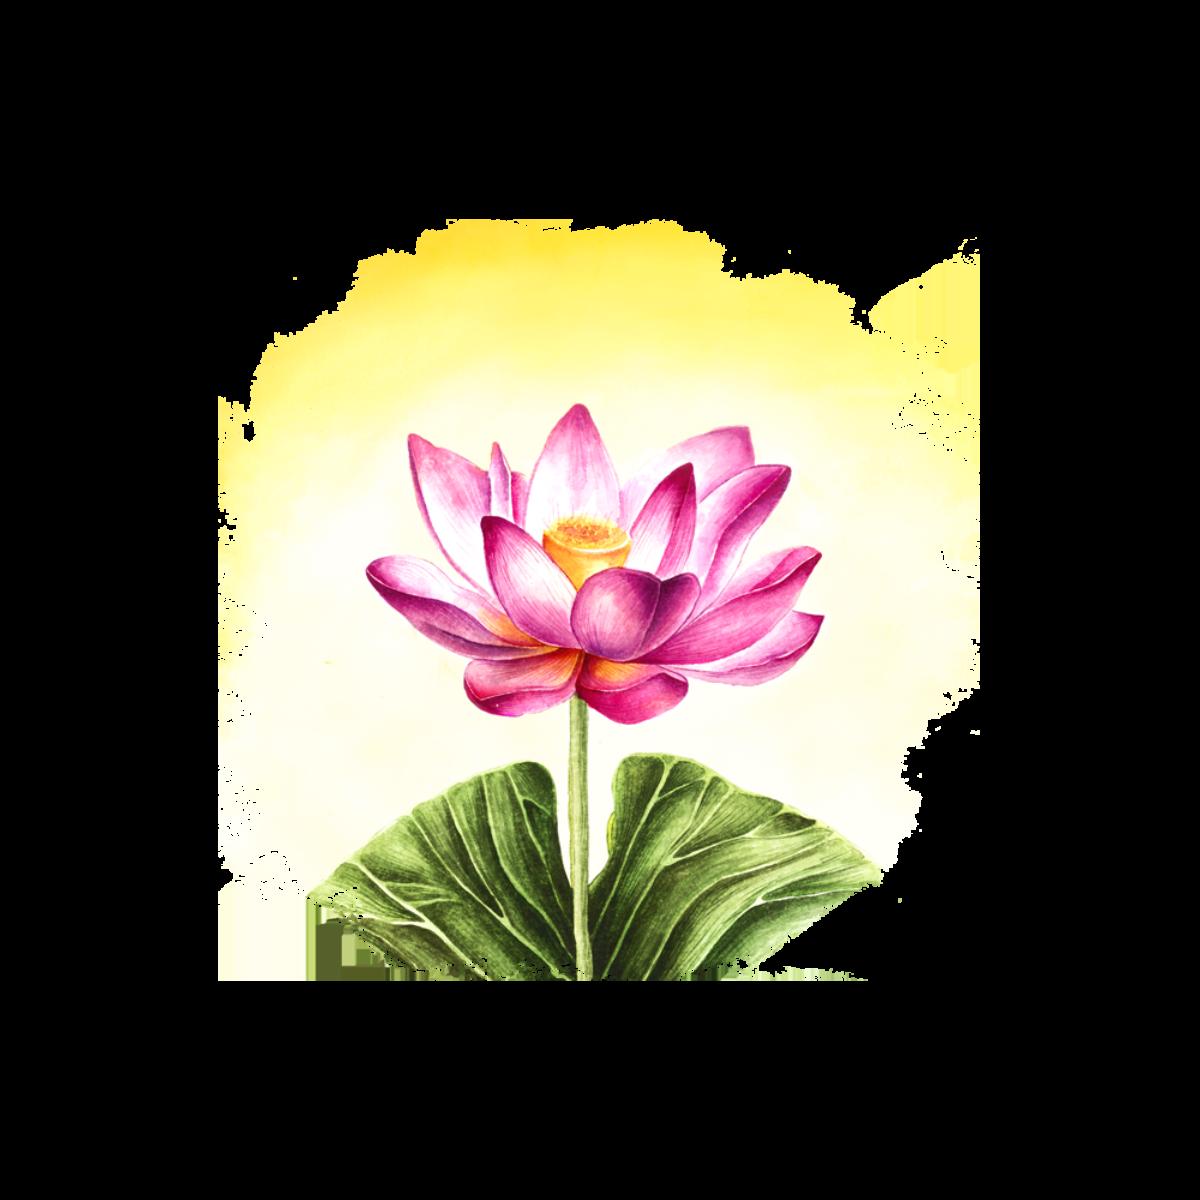 https://proautism.ru/wp-content/uploads/2019/06/1.-LOGO-цветок-сайт-1-1200x1200.png